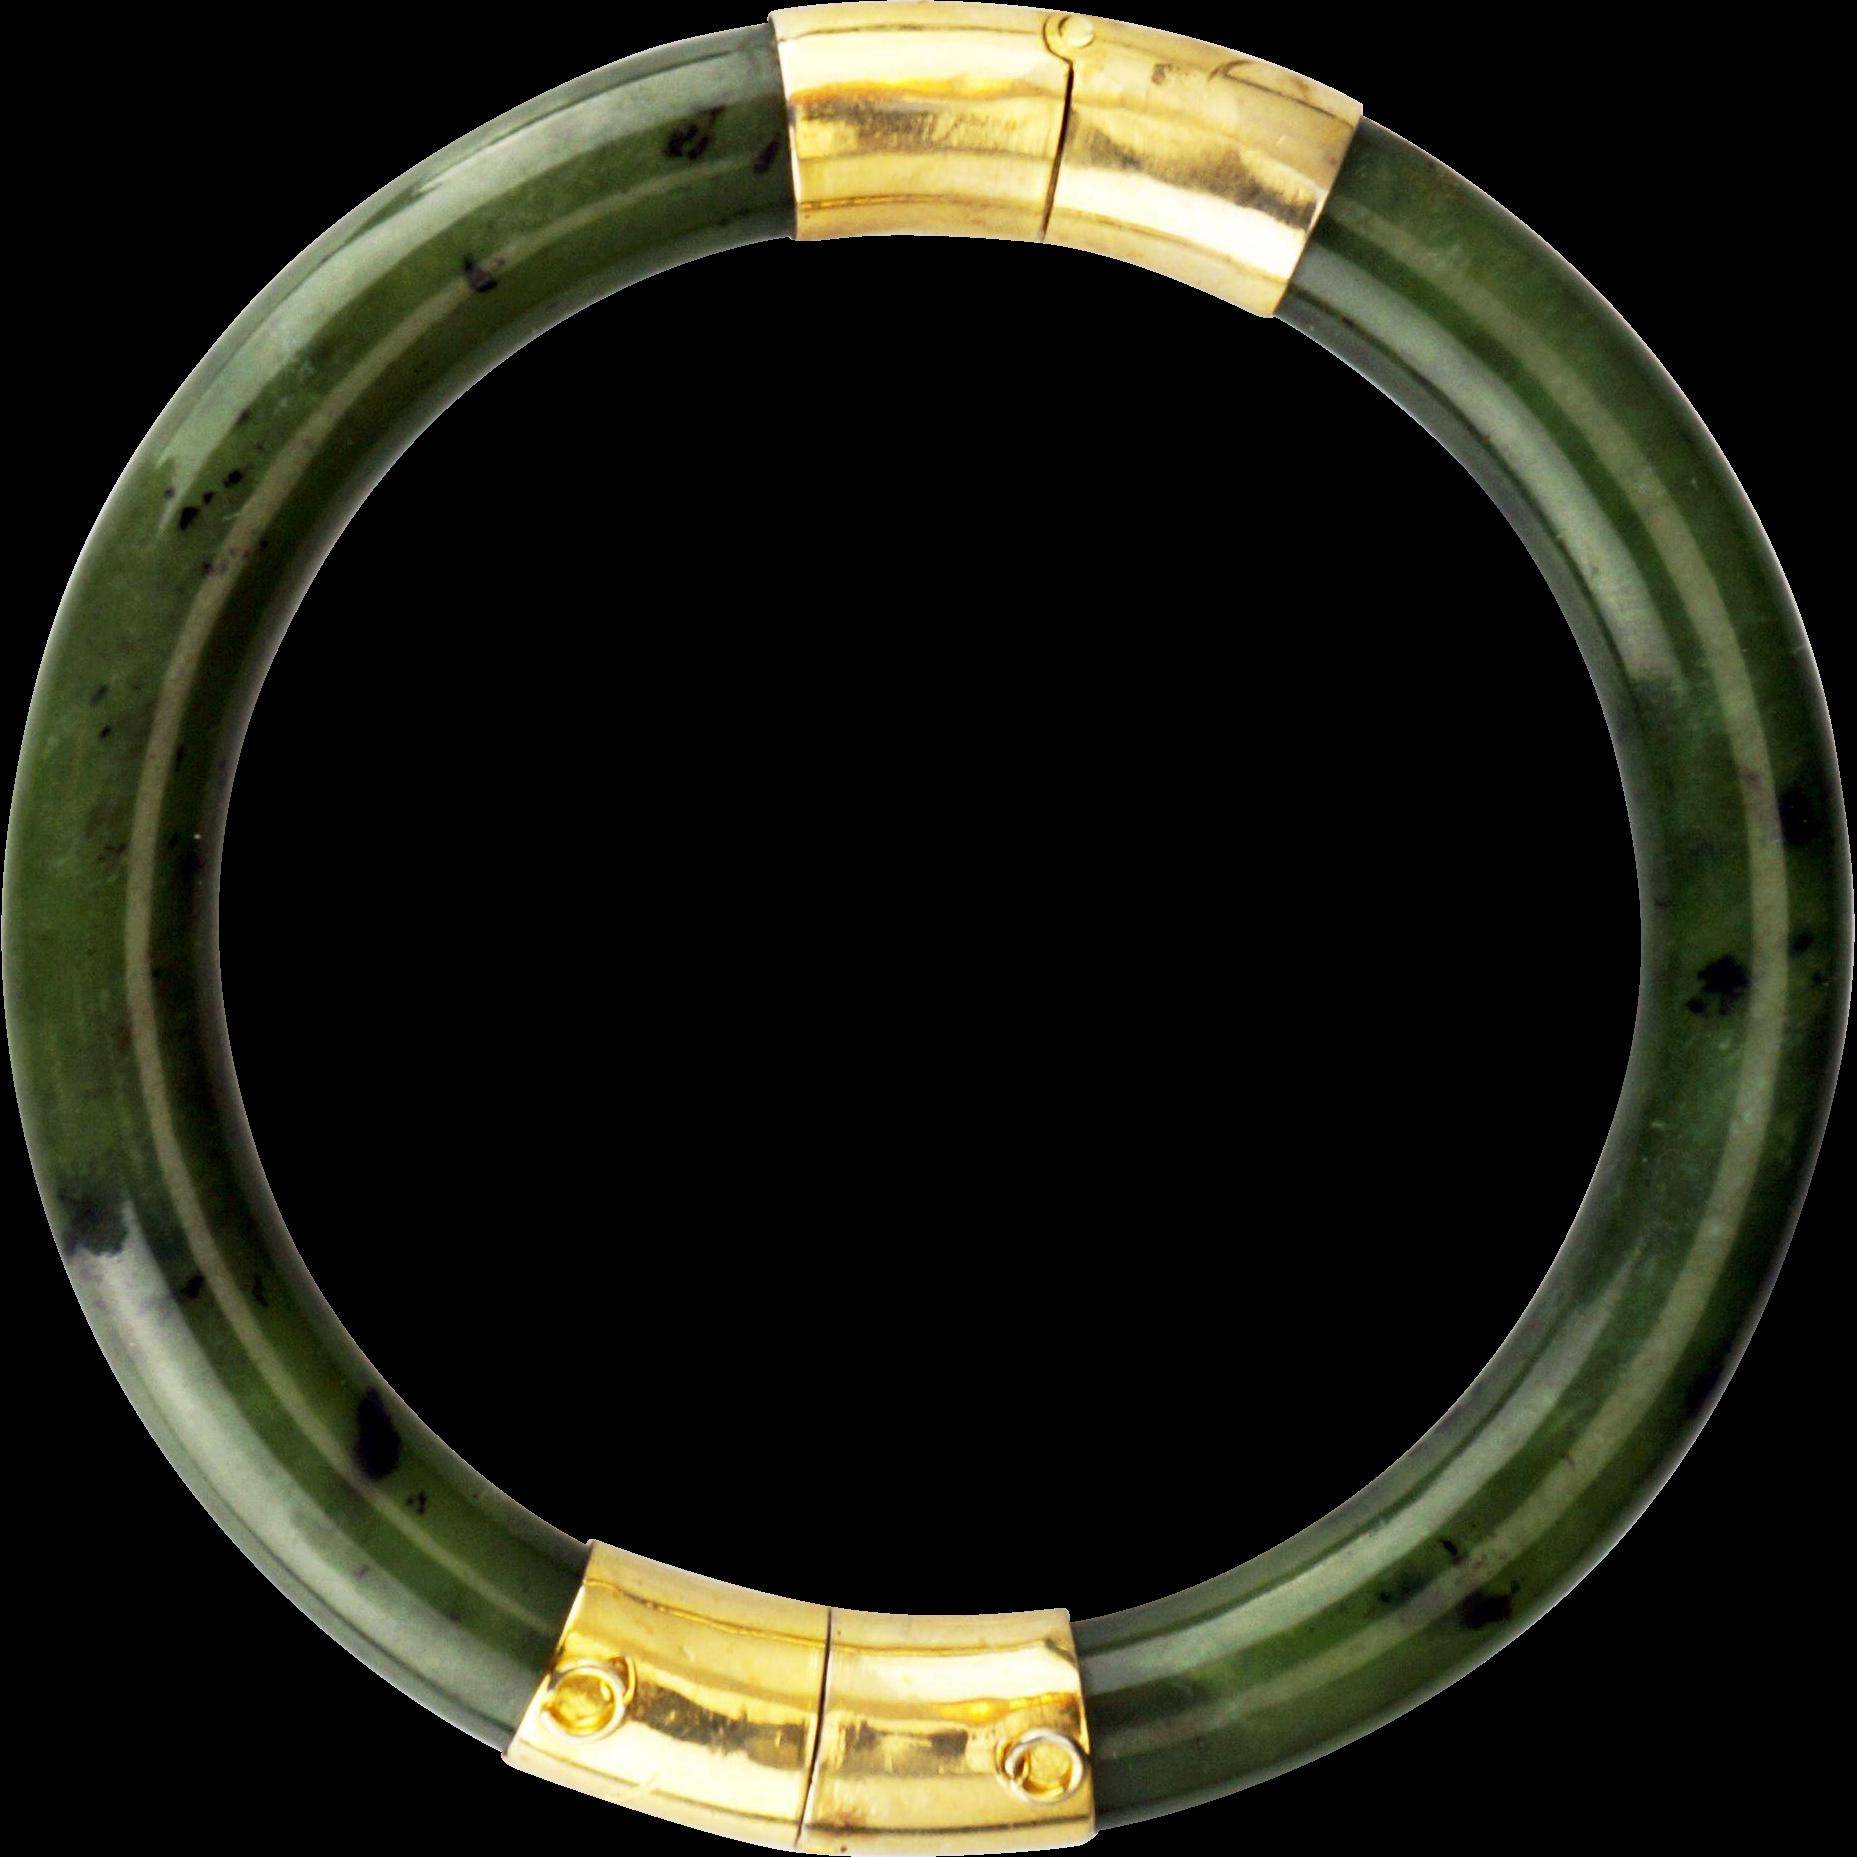 Vintage Chinese Nephrite Jade Bangle Bracelet With